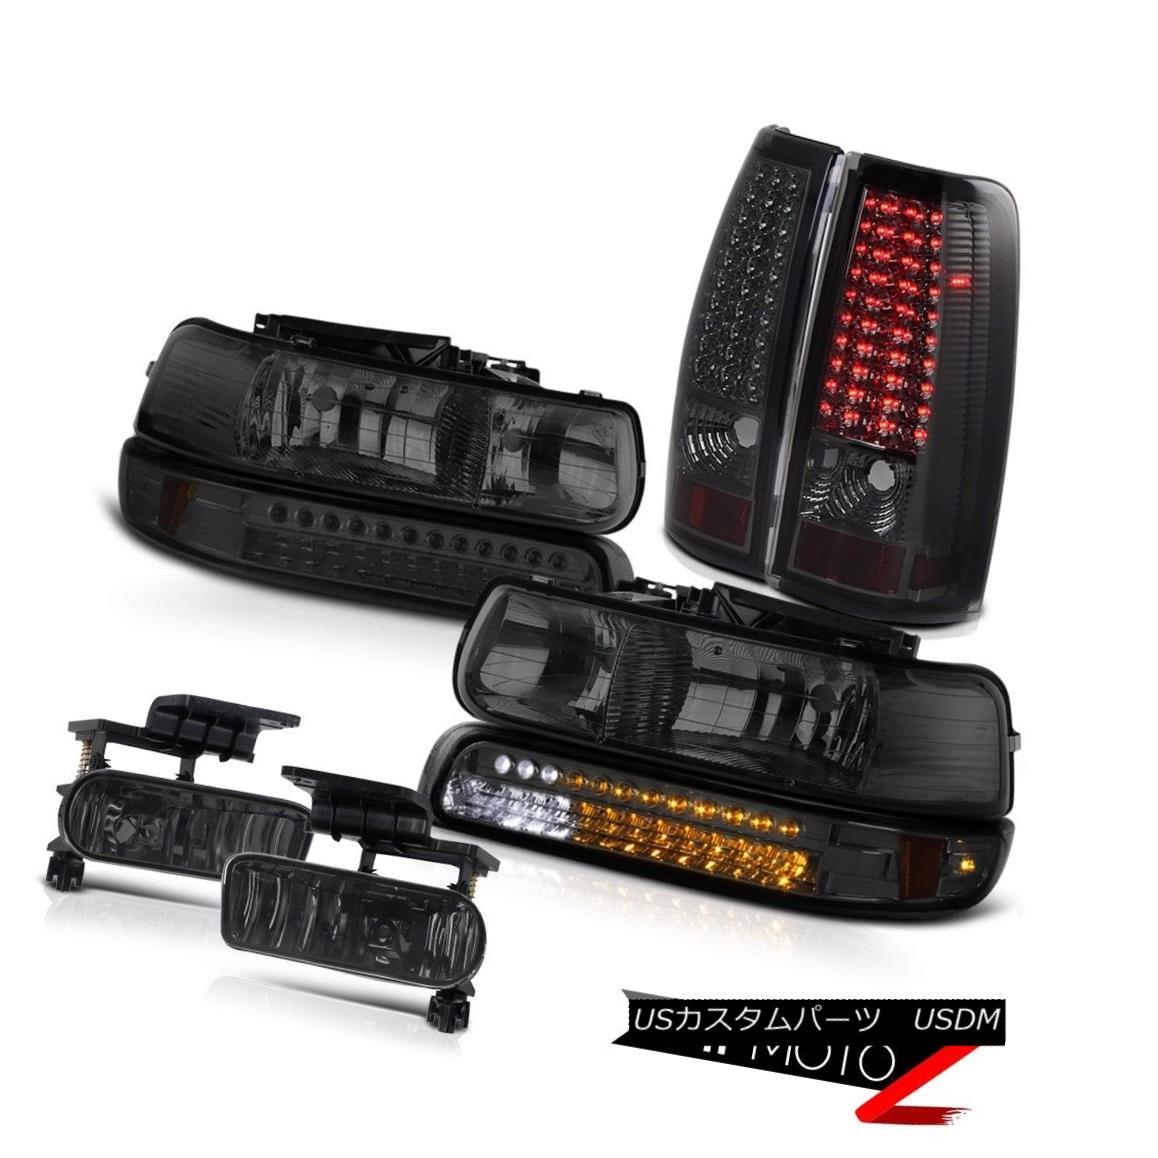 ヘッドライト 1999-2002 Silverado Darkest Smoke Headlights SMD Bumper LED Tail Brake Light Fog 1999-2002 Silverado Darkest SmokeヘッドライトSMDバンパーLEDテールブレーキライトフォグ